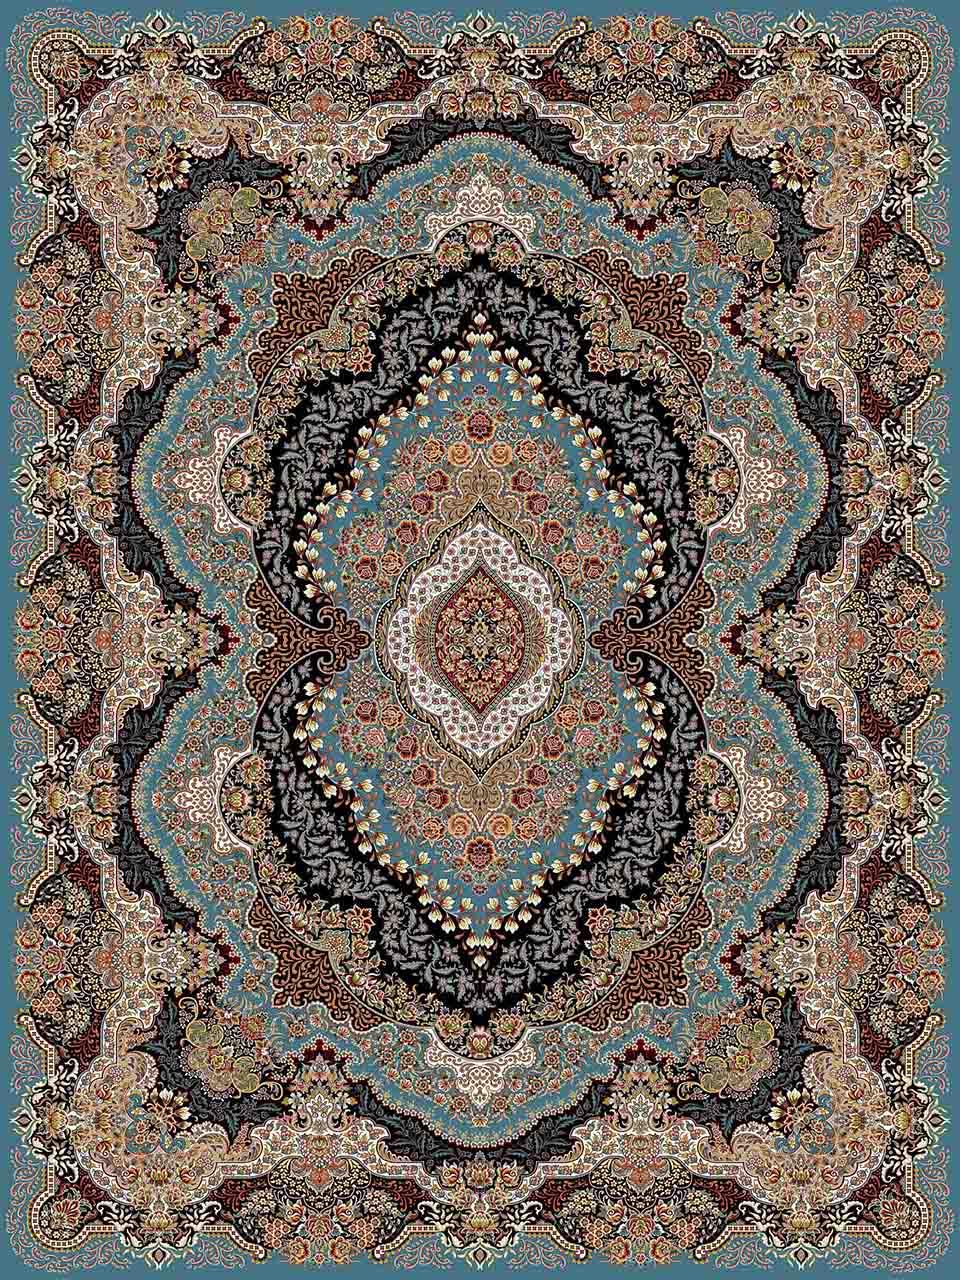 فرش (25011) اکریلیک - 8 رنگ - 700 شانه - آبي - تراکم 2550